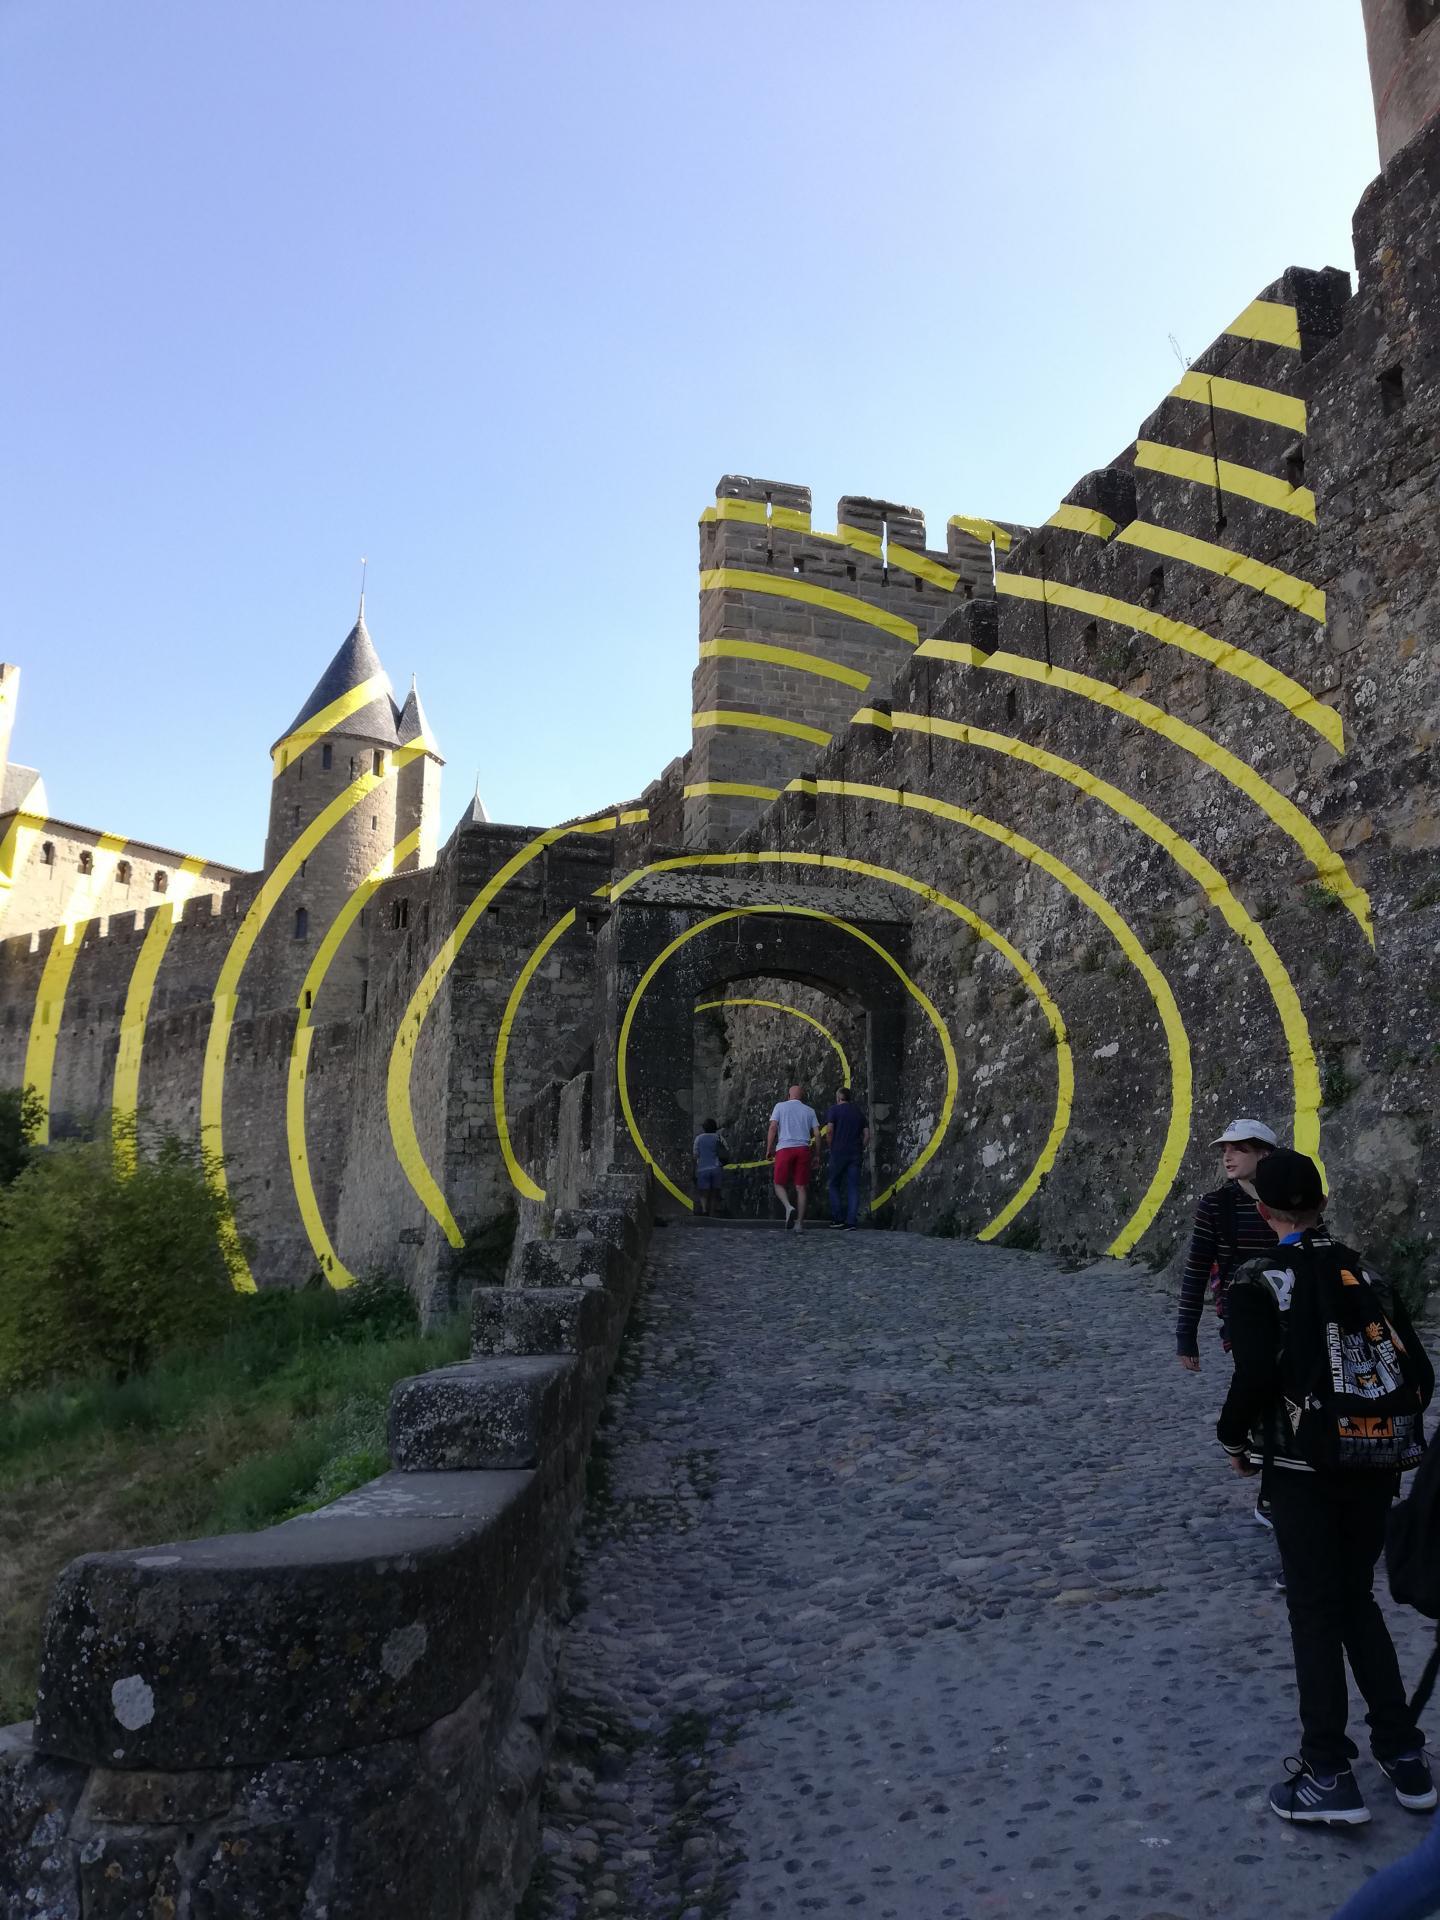 Accueil carcassonne